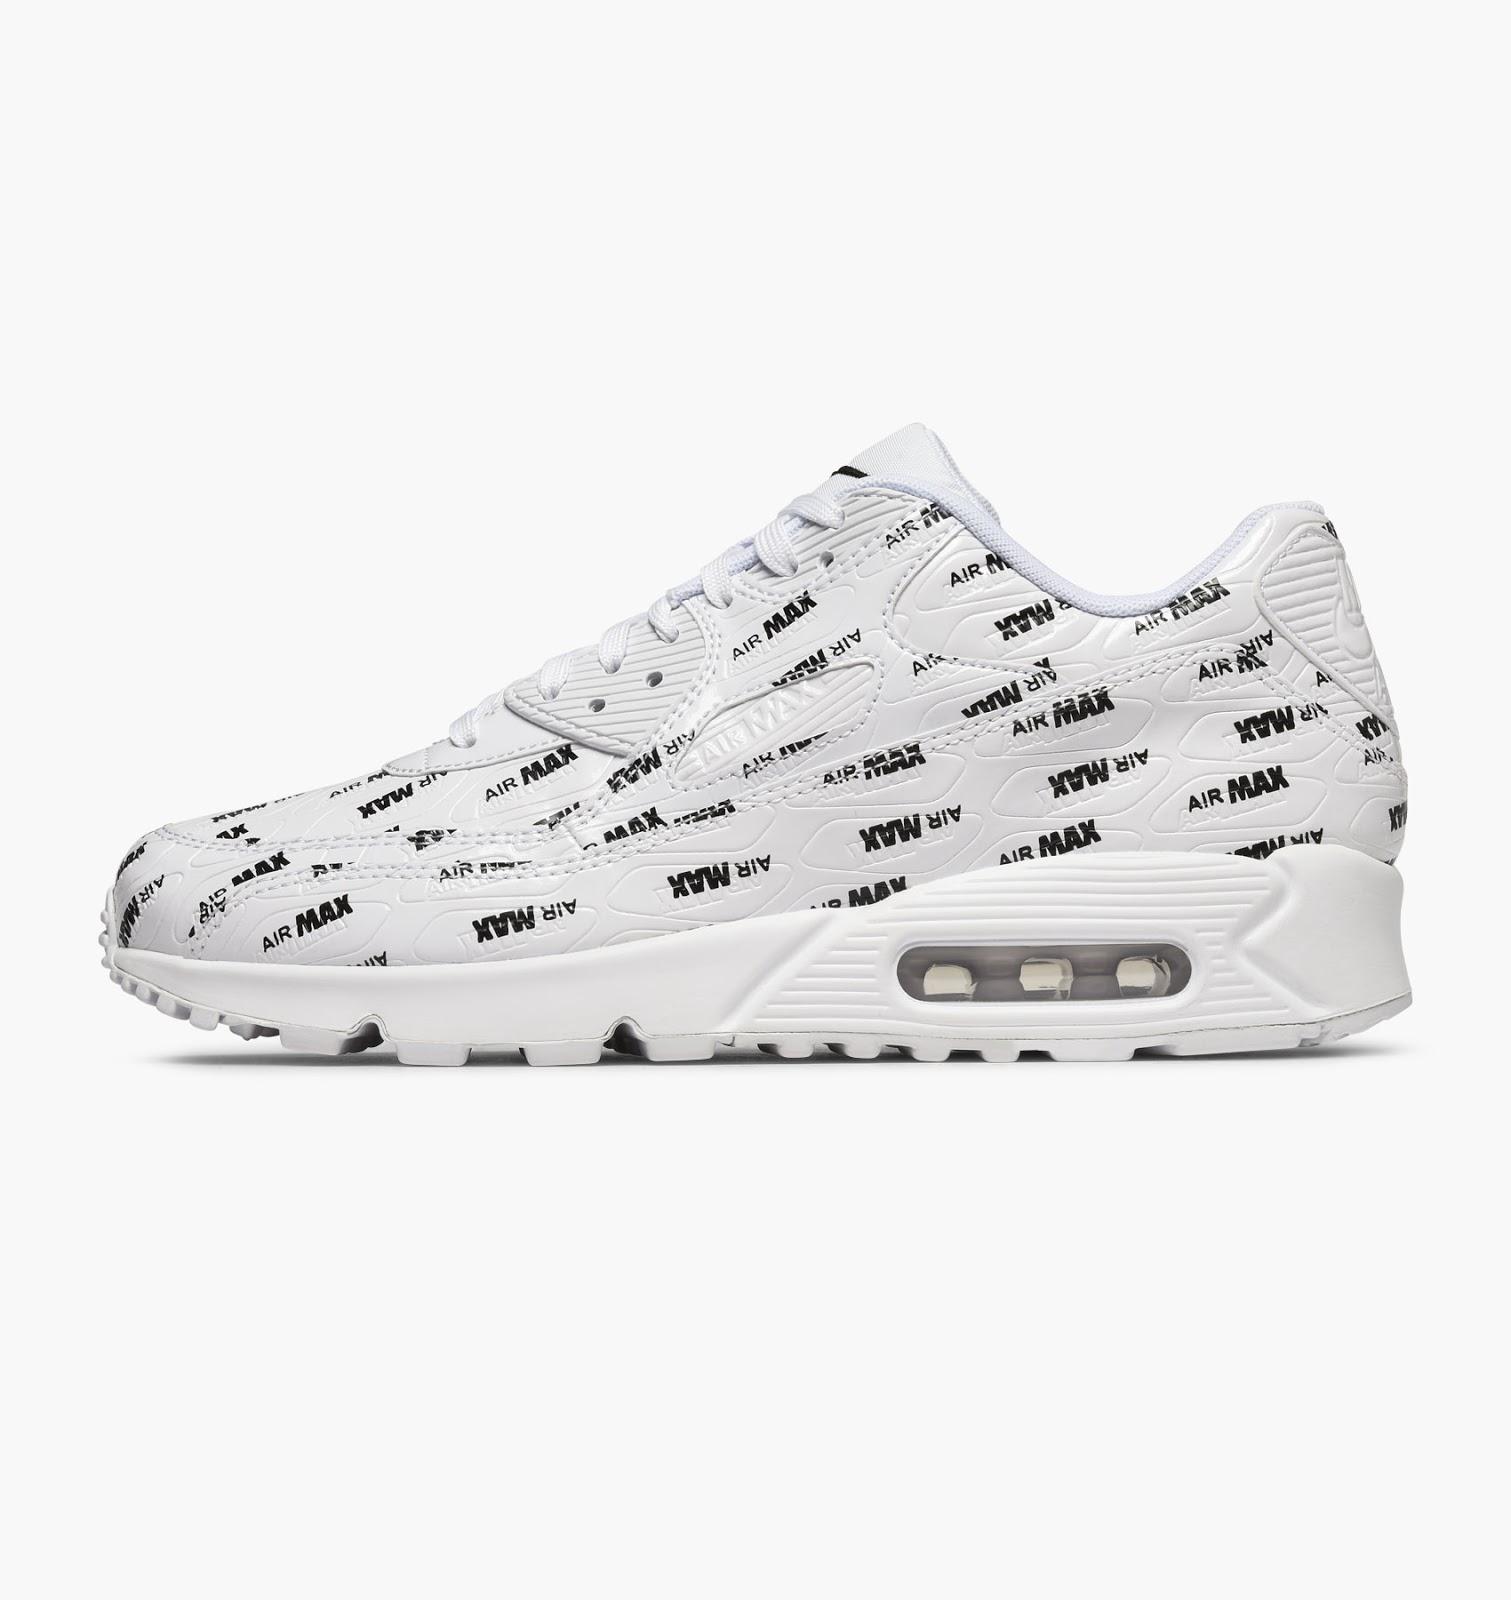 Nike Air Max 90 Premium Air Max Pack 'White' 700155 103  700155 103